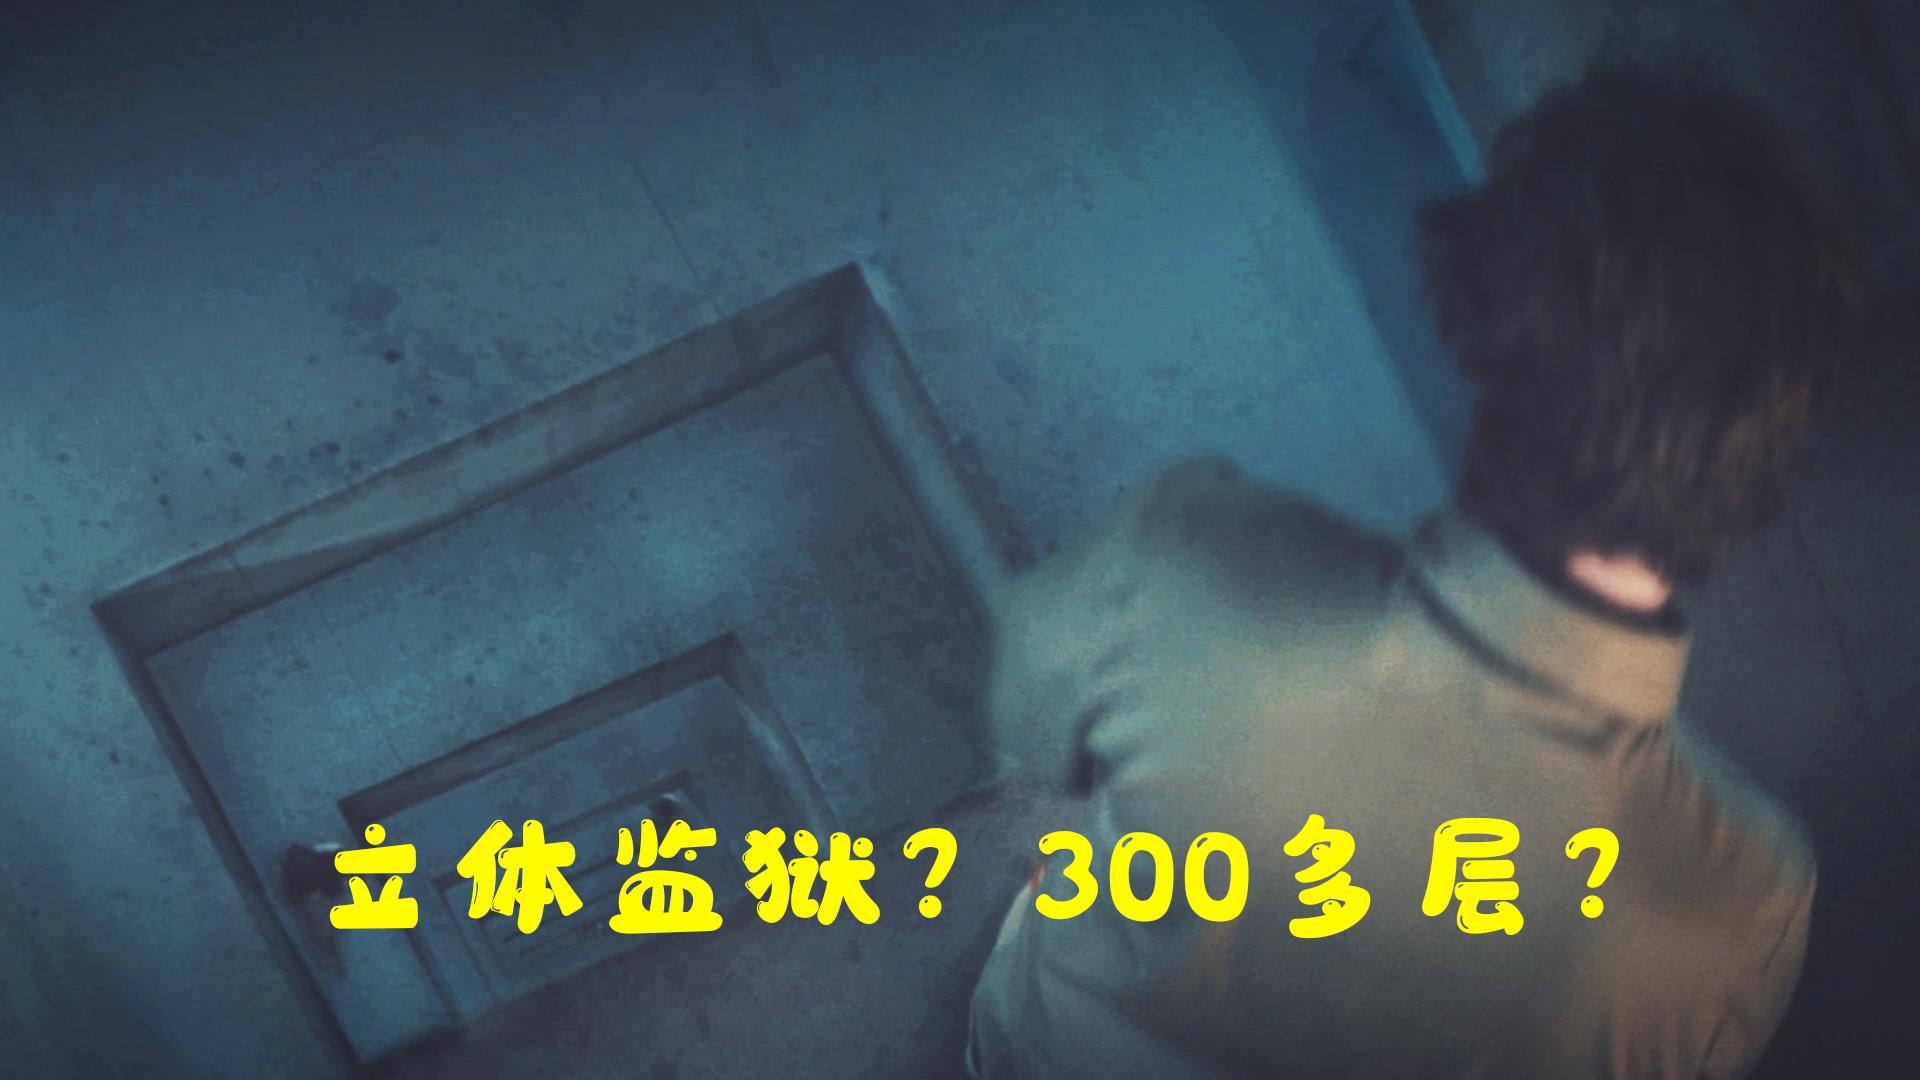 恐怖片:300多层地狱,越往下的人越没饭吃!